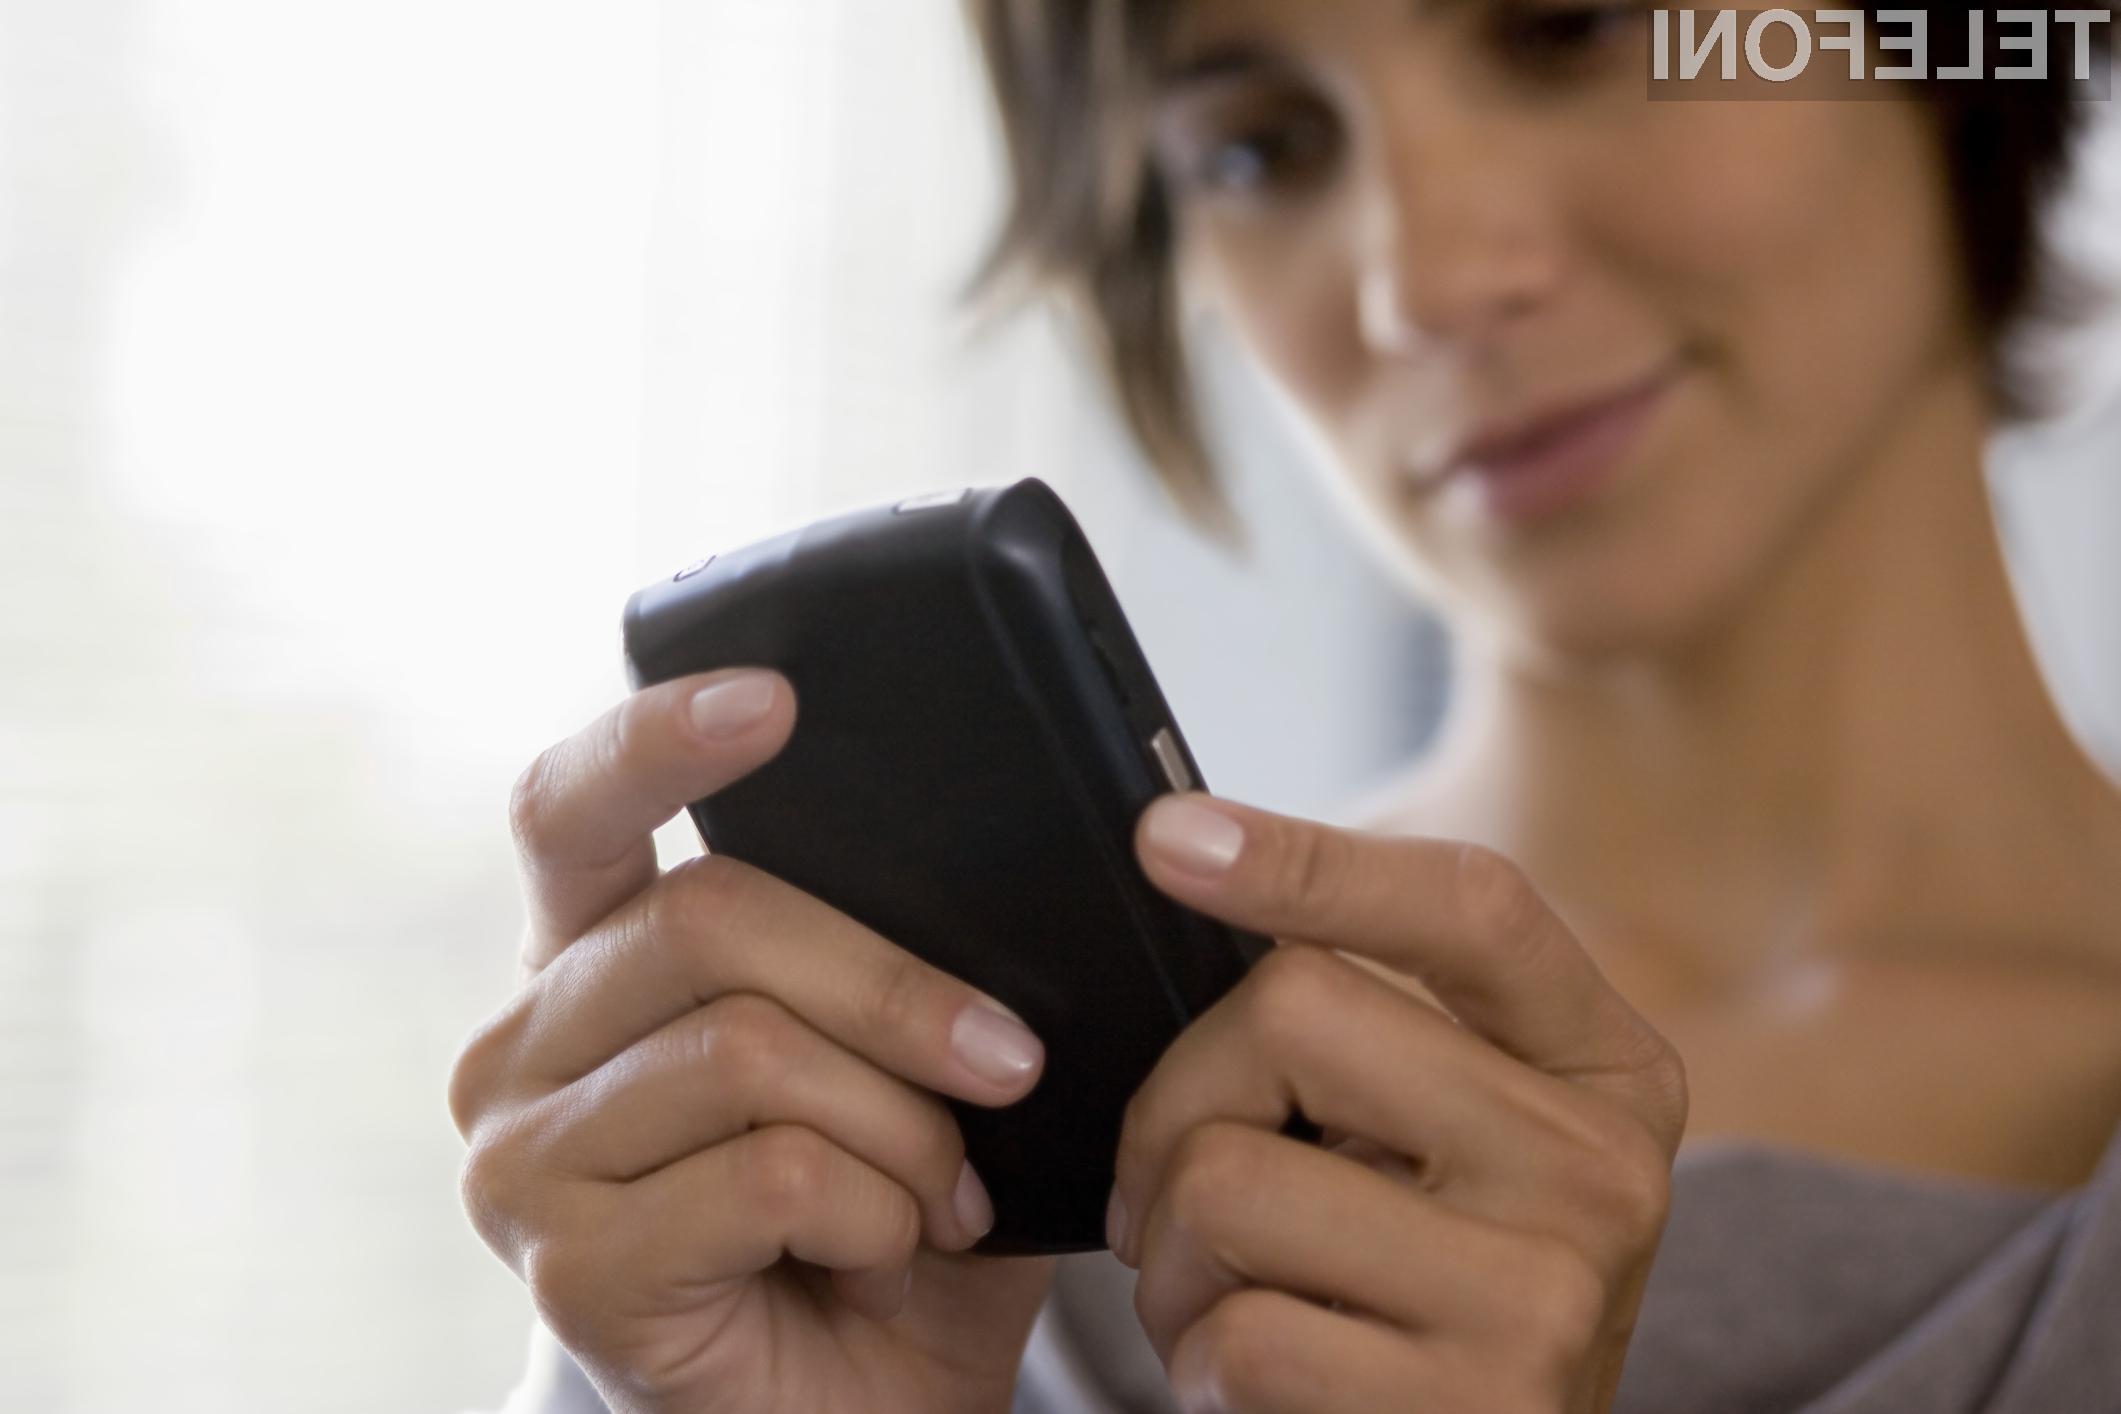 Čez dobro leto dni naj bi se občutno pocenila telefoniranje in uporaba mobilnega interneta pri gostovanju v državah Evropske unije.